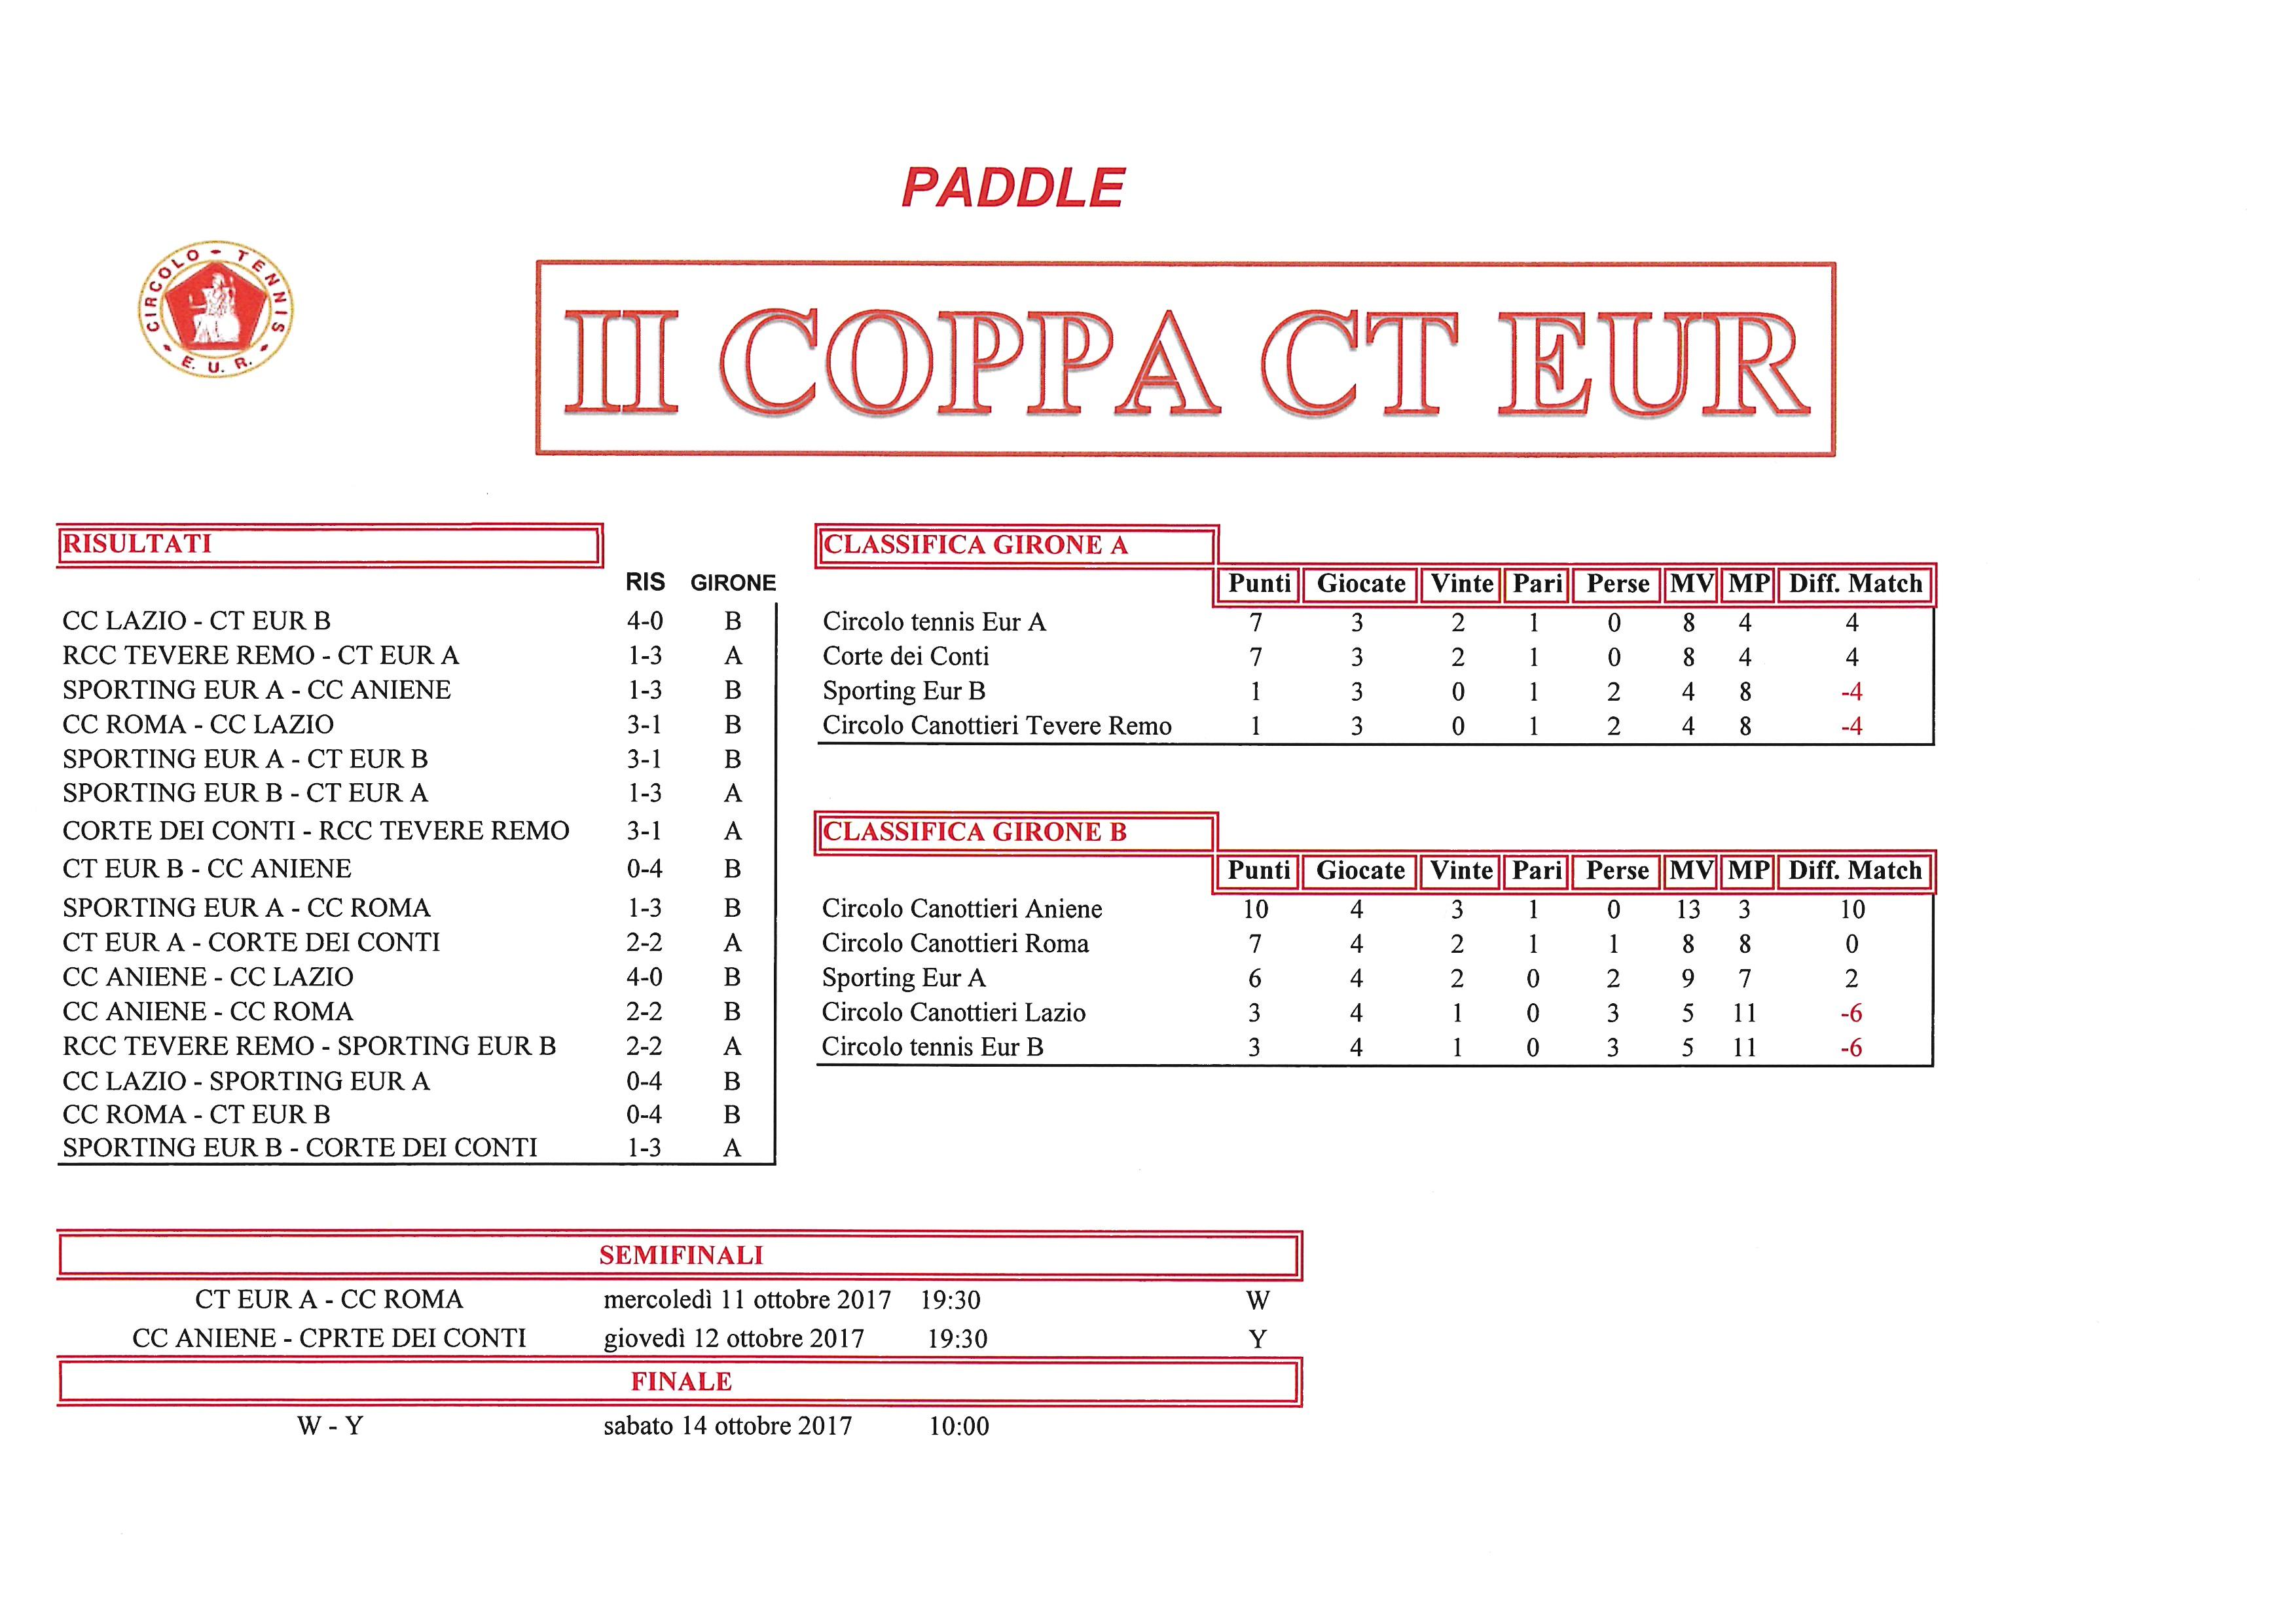 Coppa CT Eur Semifinali Calcio a 5 9 ottobre 2017 Paddle